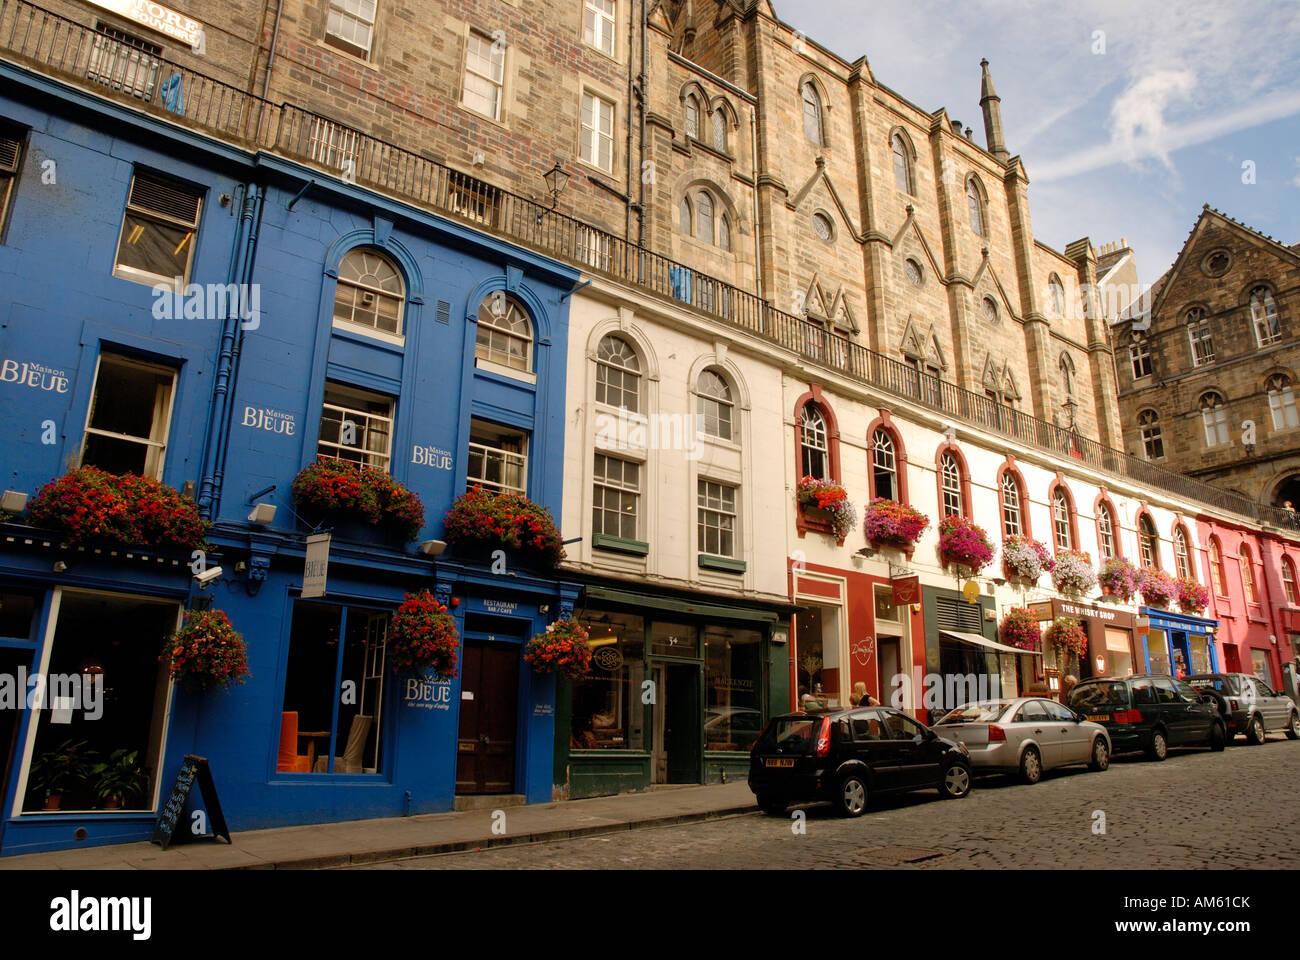 La maison bleue victoria street edinburgh scotland stock photo royalty free image 15159906 alamy - Maison bleue mobel ...